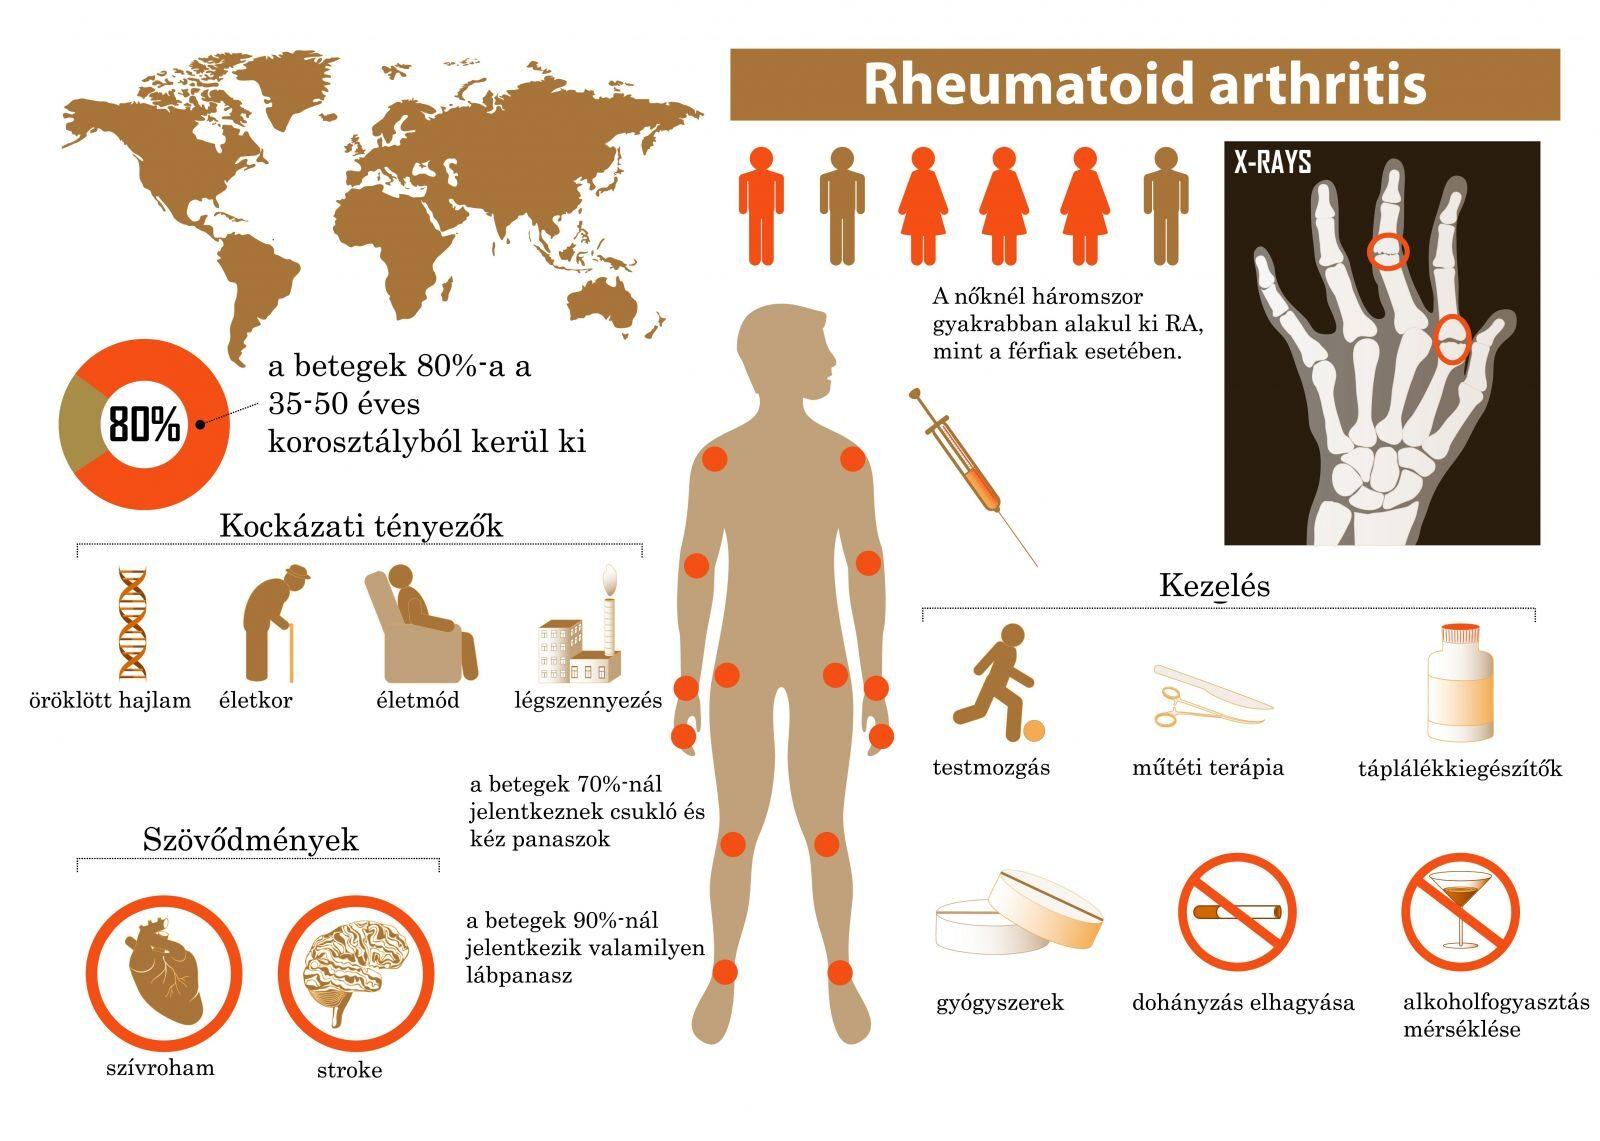 30 varázsló az artrózis kezelésében a bokaízület izomkárosodása